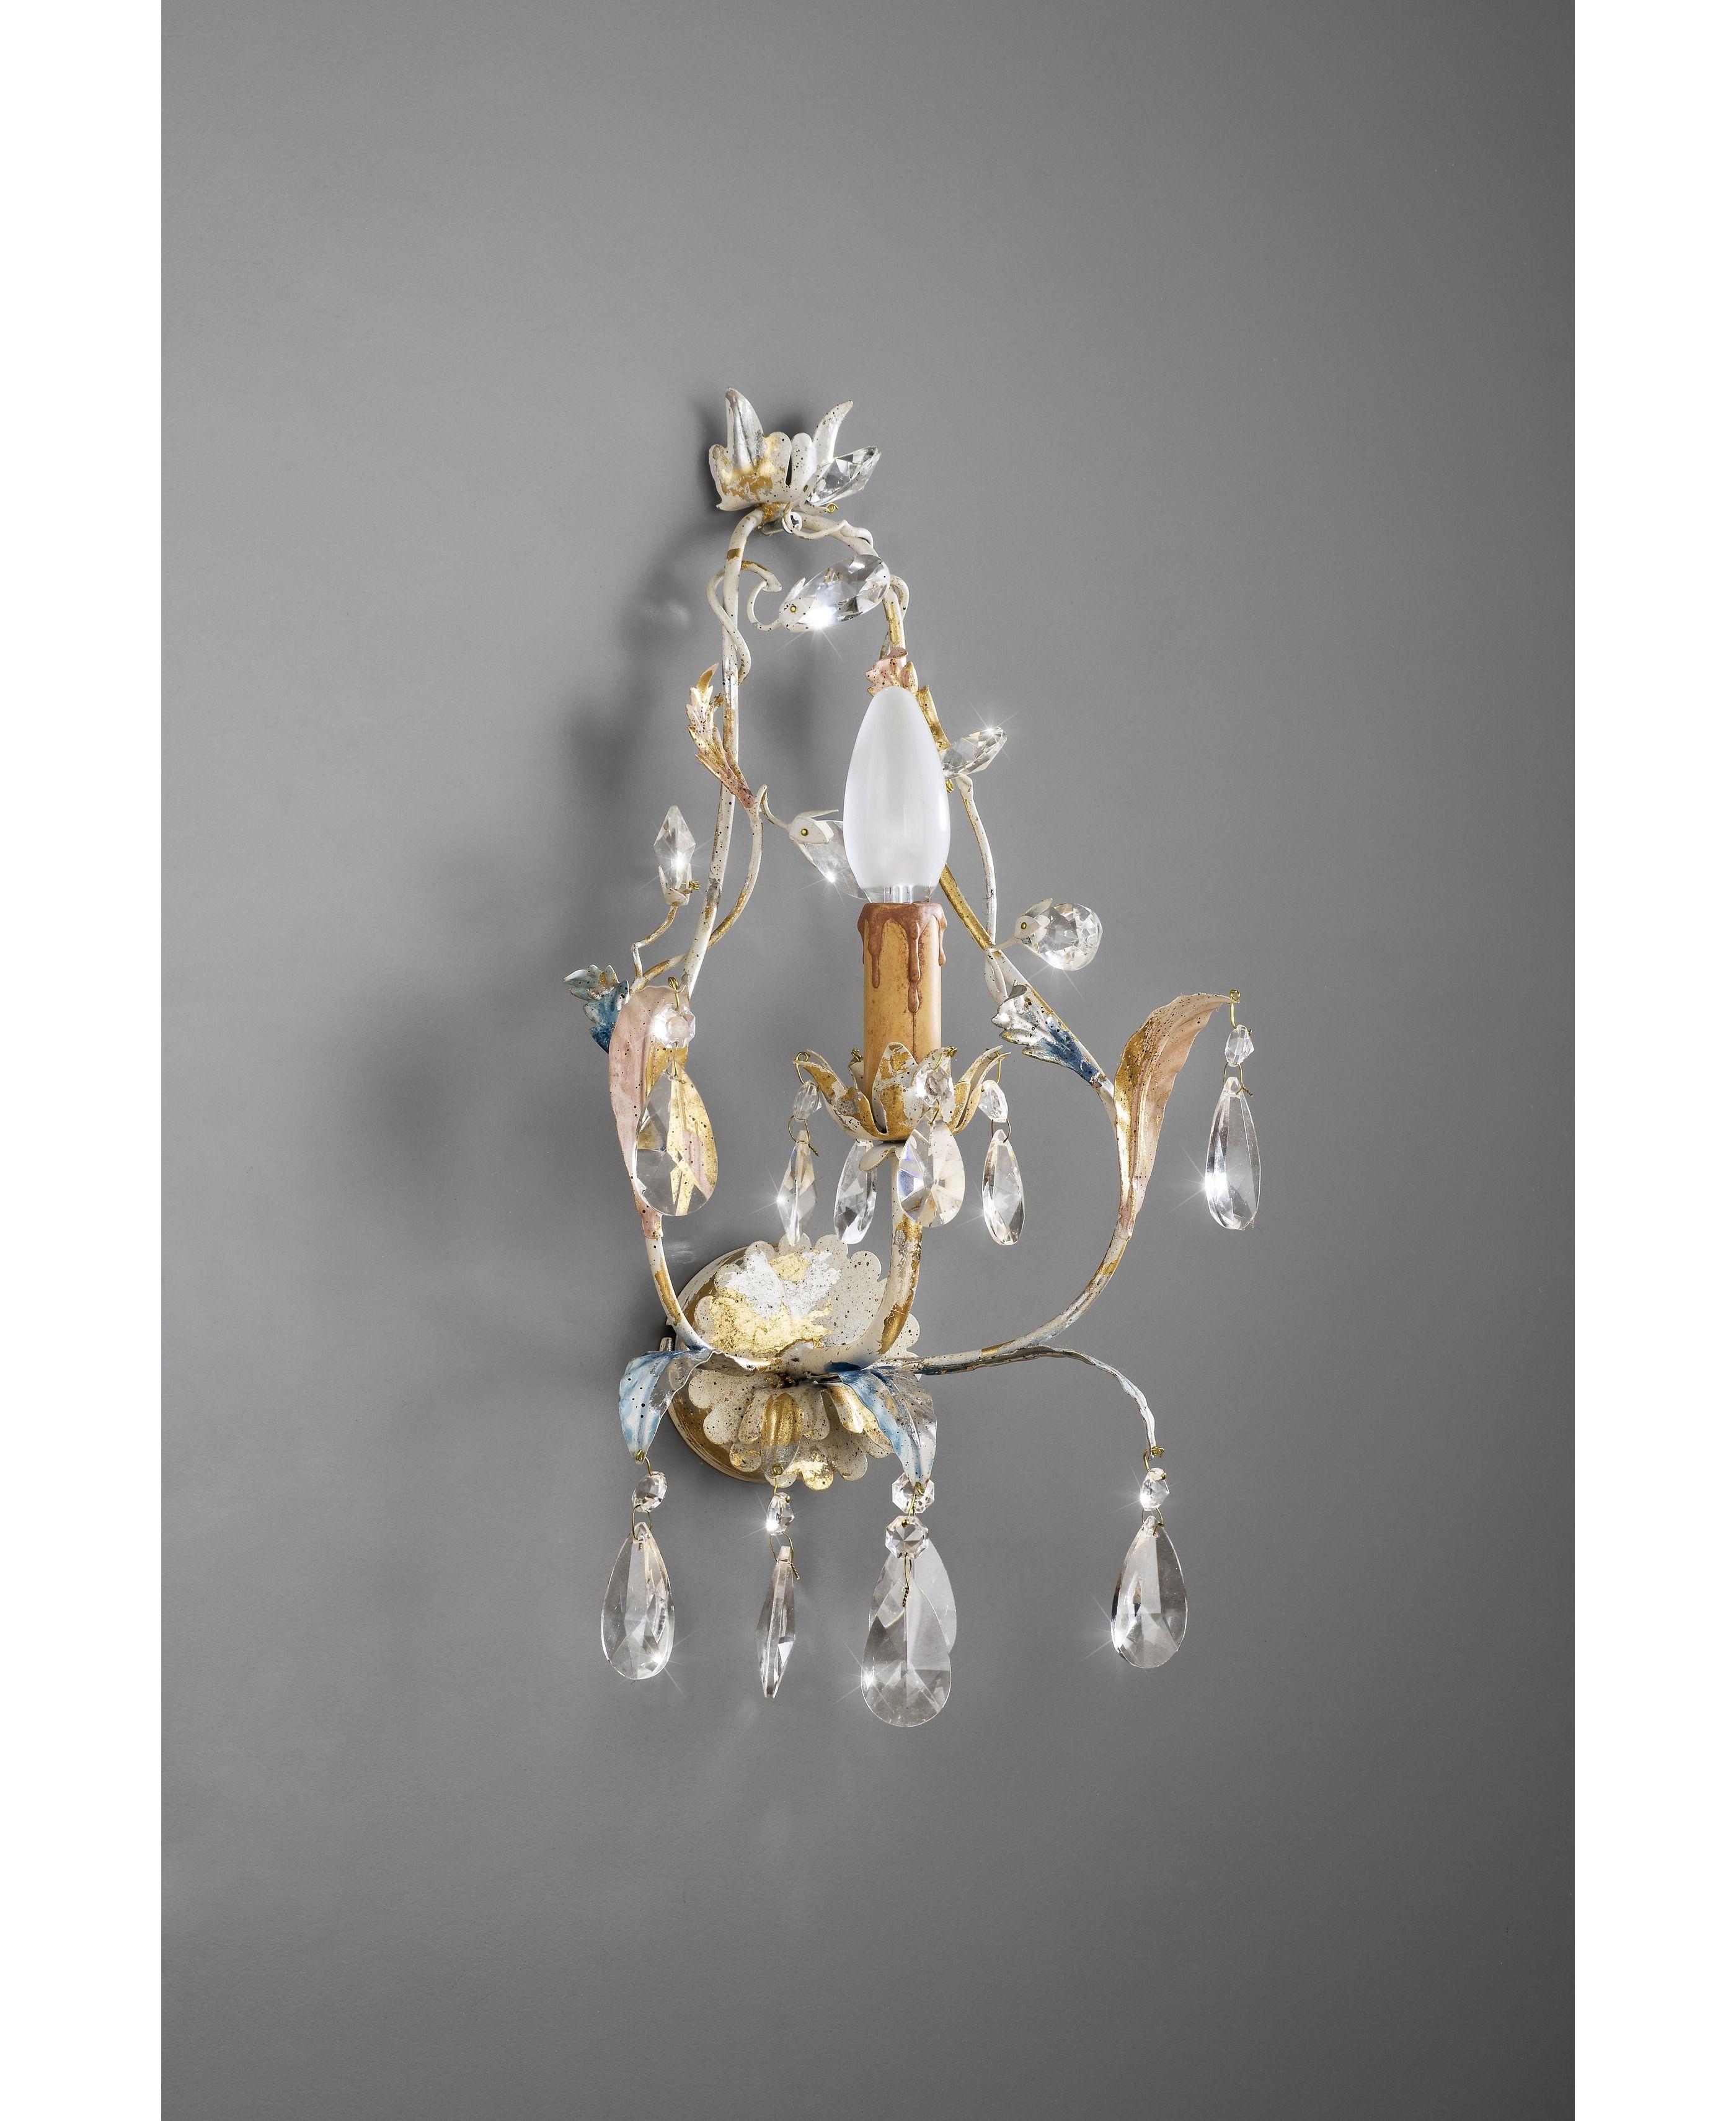 wohnzimmer  kristall lampe wandleuchte kristalle